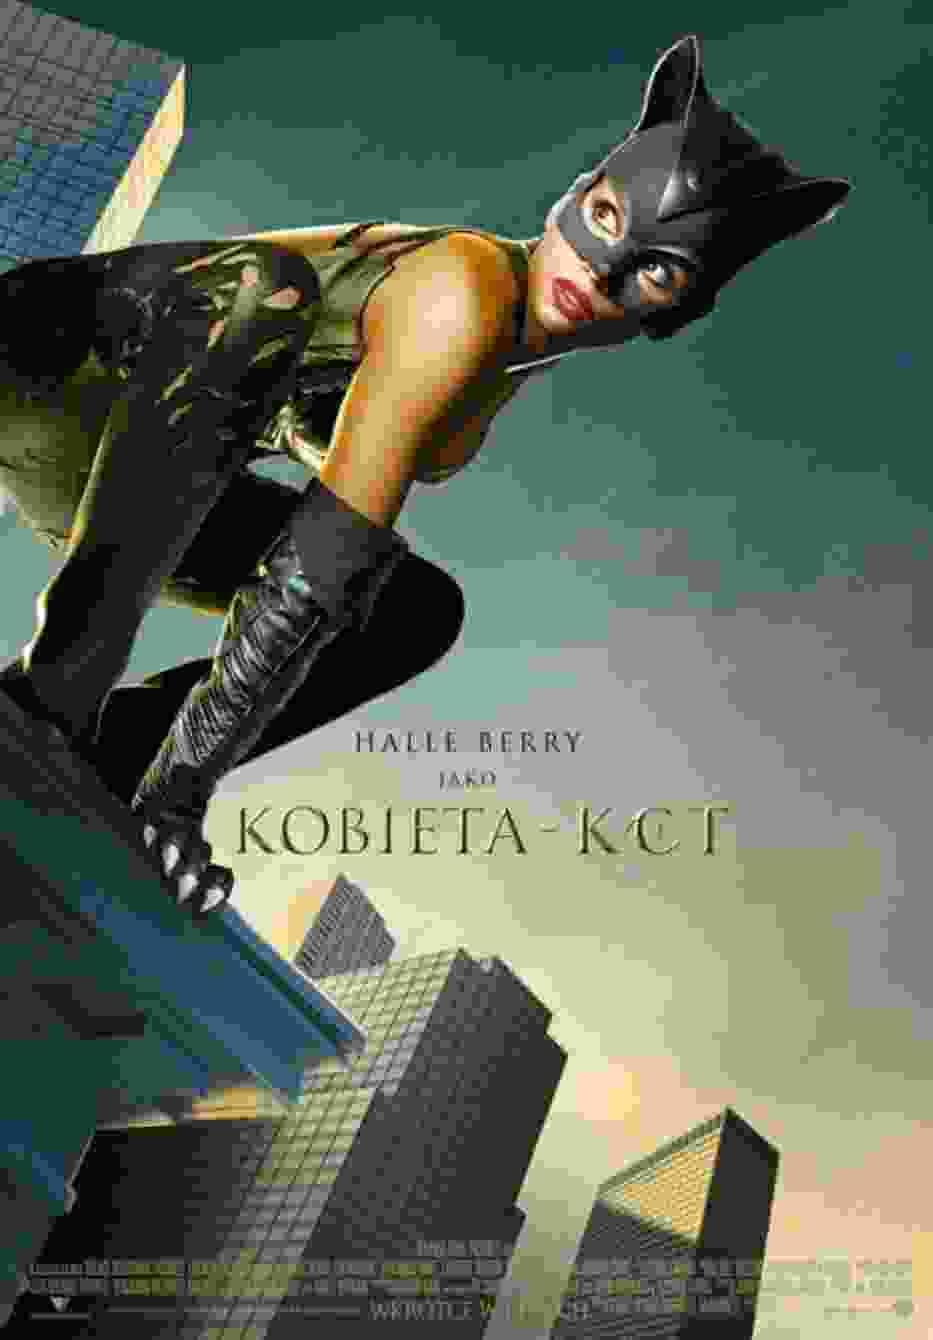 Kobieta Kot - to amerykański film fabularny z 2004 r